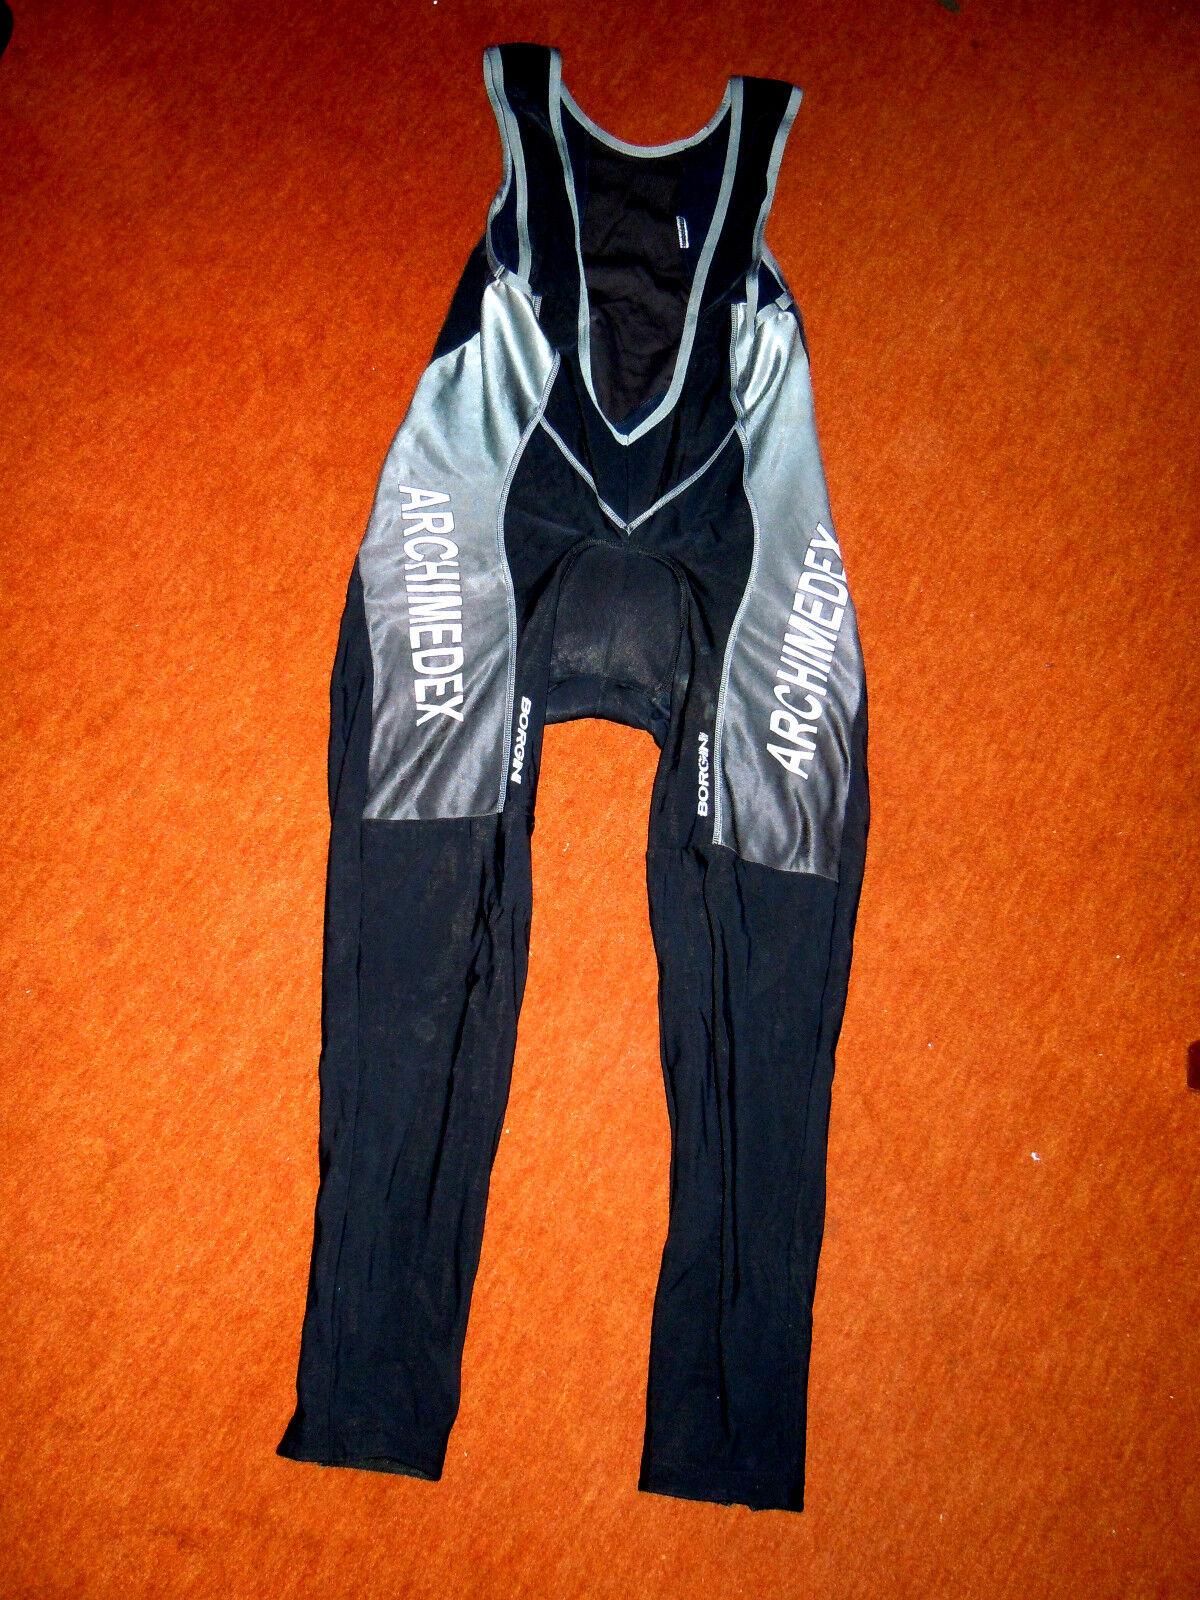 Lange warme warme warme Radsporthose v.BORGINI Gr.L, Top-Design, Bein-Reißverschlüsse, Mesh 9c95c6